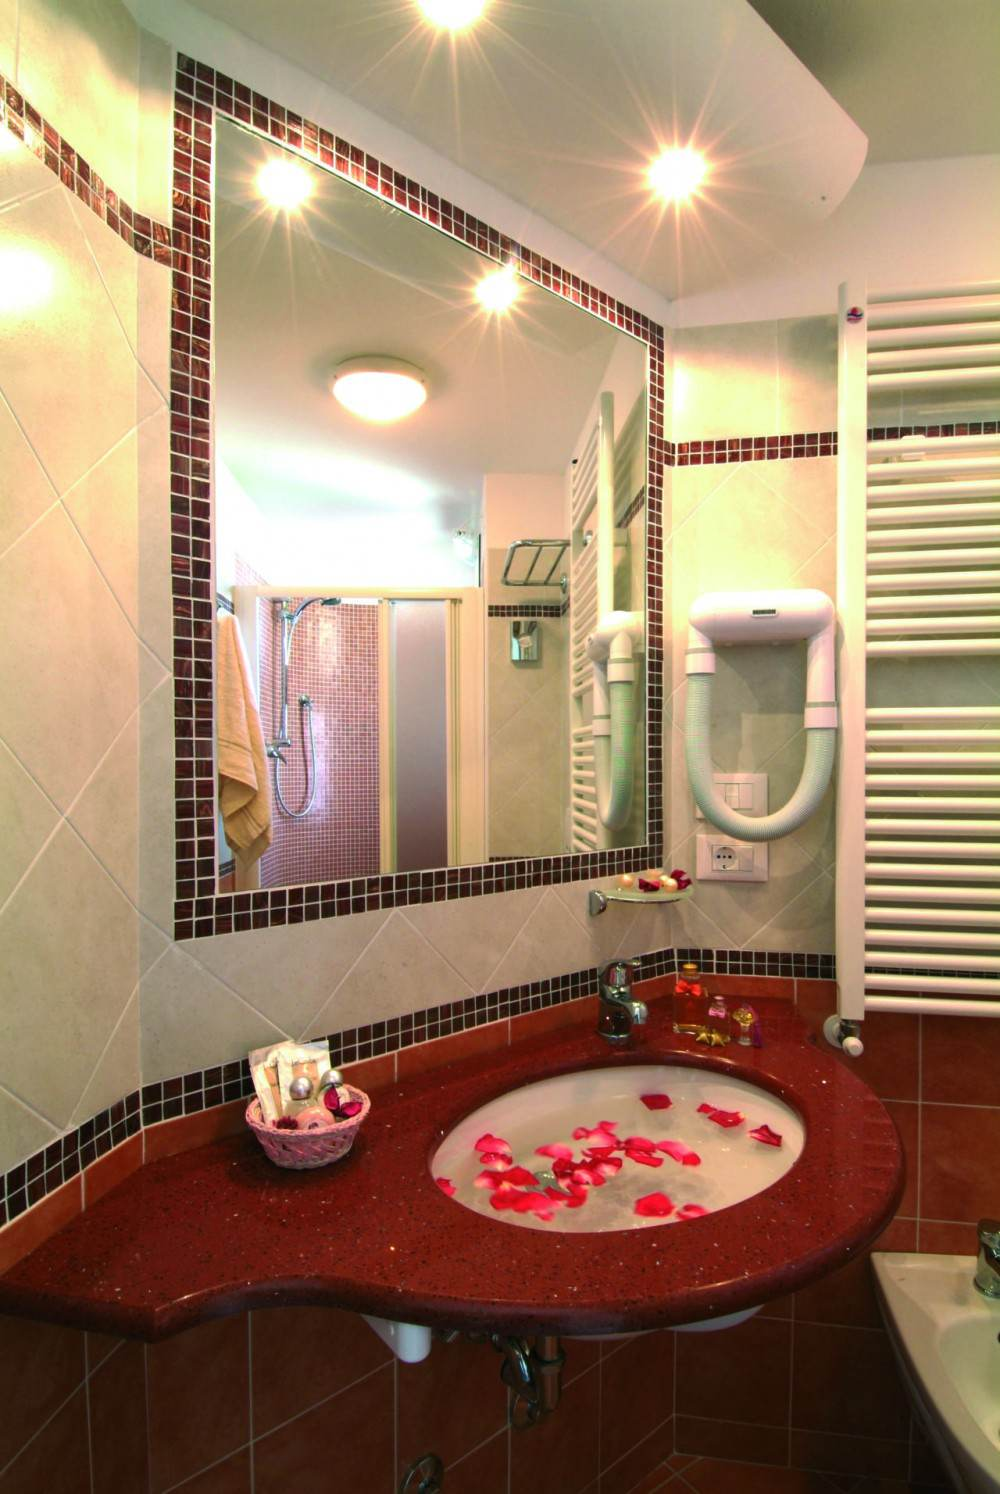 Comode e belle le camere dell 39 hotel missouri di igea marina - Bagno romano igea marina ...